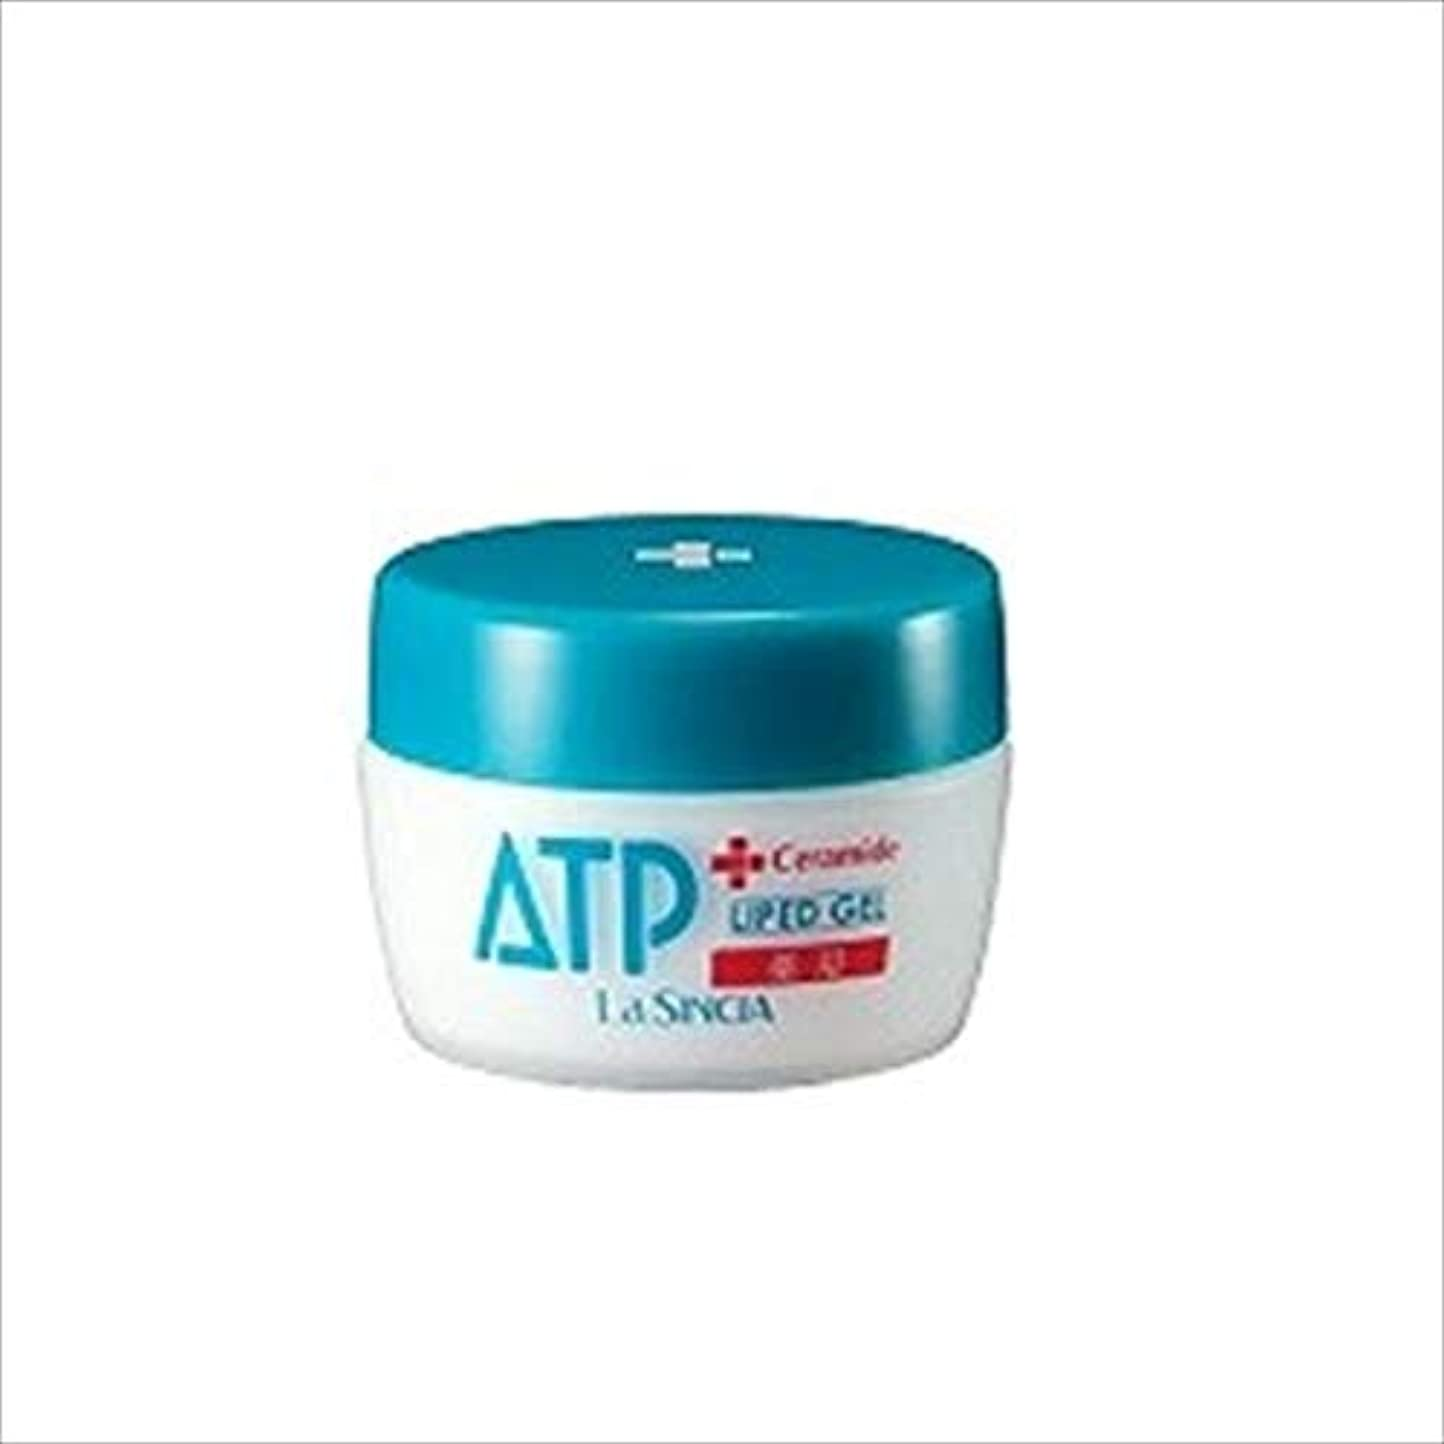 必要条件蒸スープラ?シンシア 薬用ATP リピッドゲル 30g (全身?頭皮?頭髪用保湿ゲルクリーム)